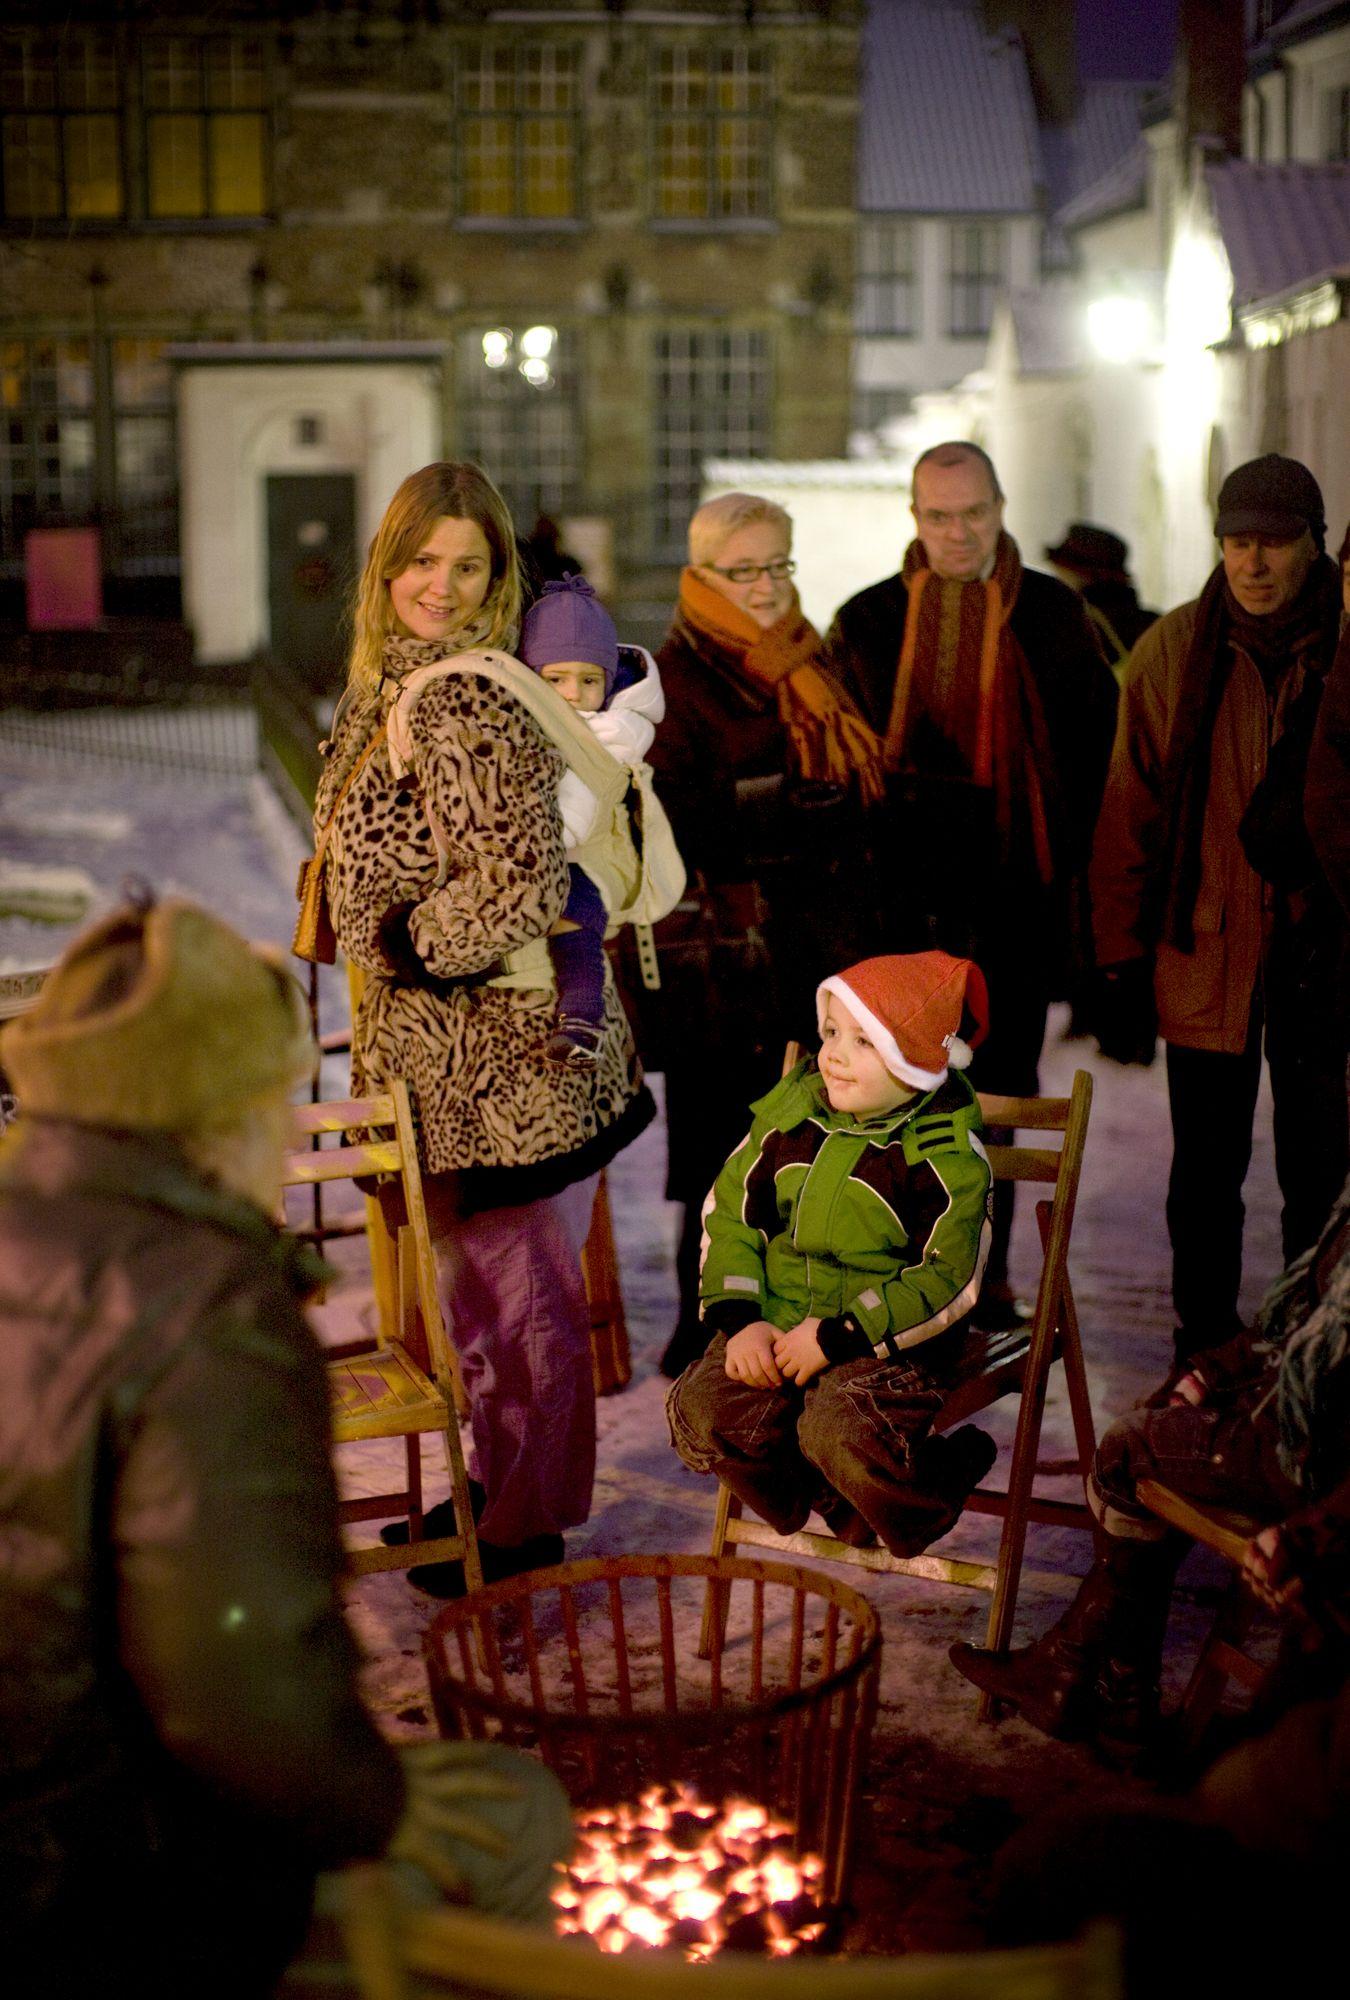 Winter in Kortrijk - Joe Baele